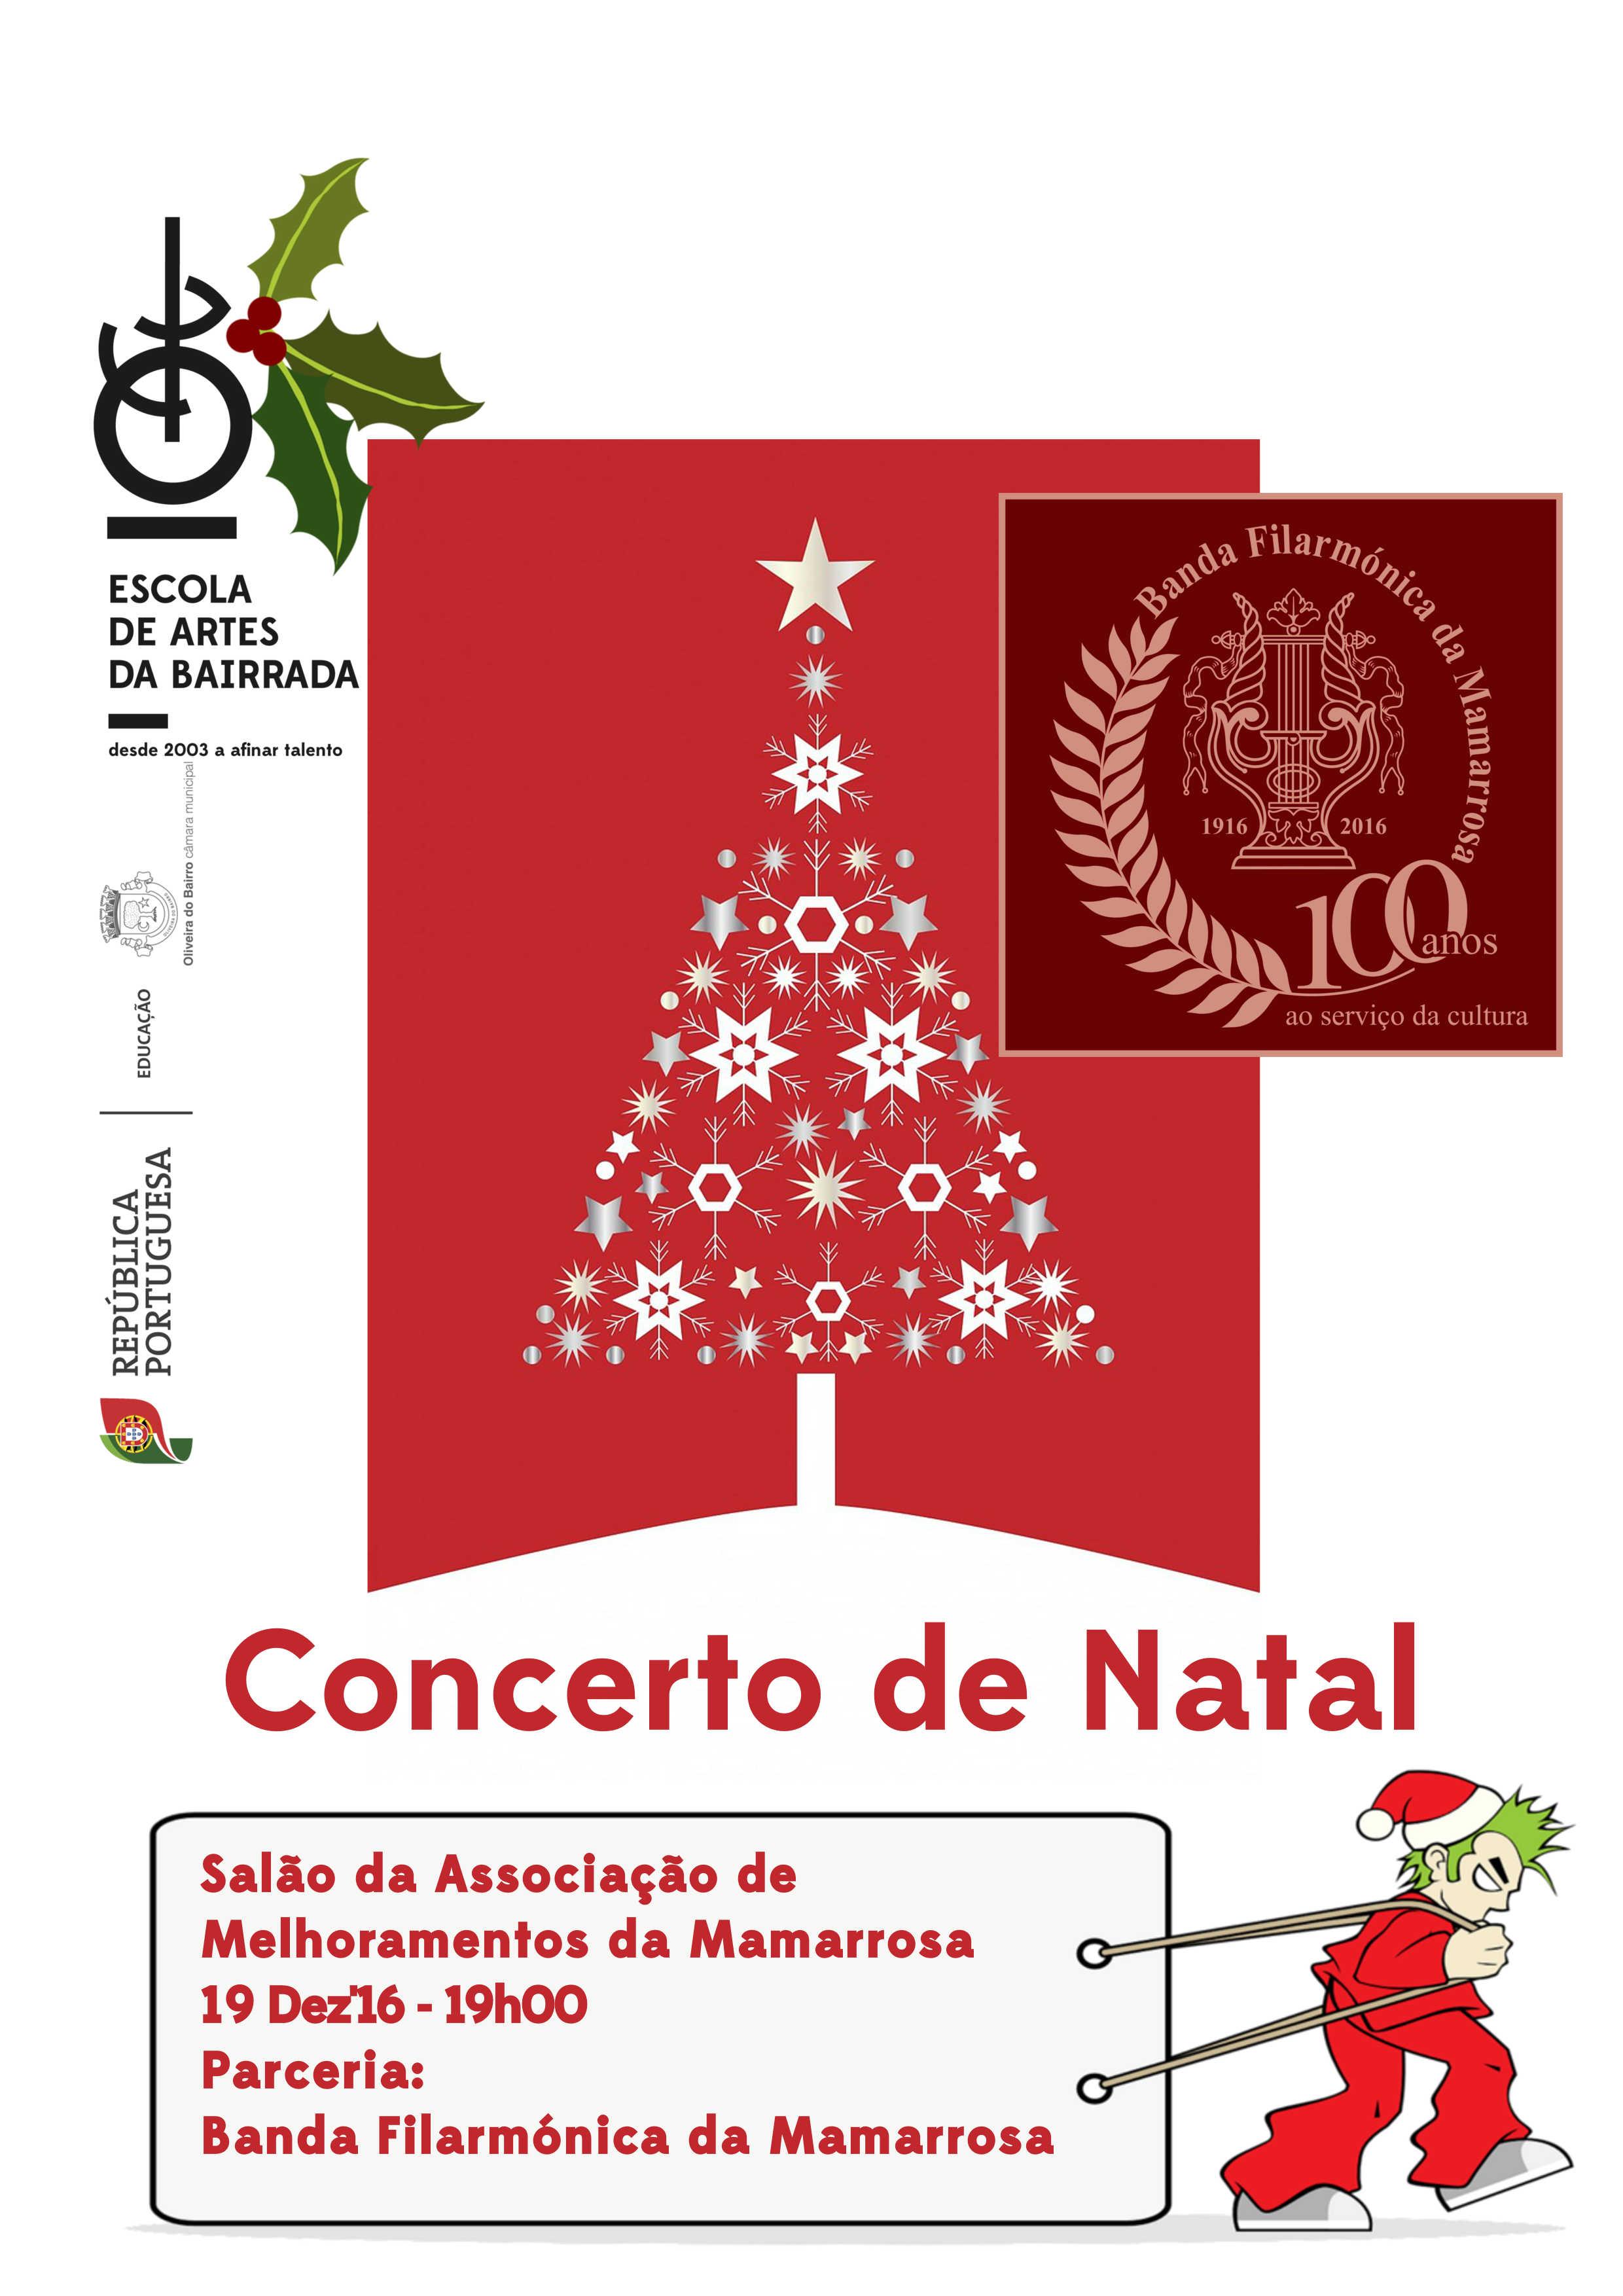 concerto-natal-2015